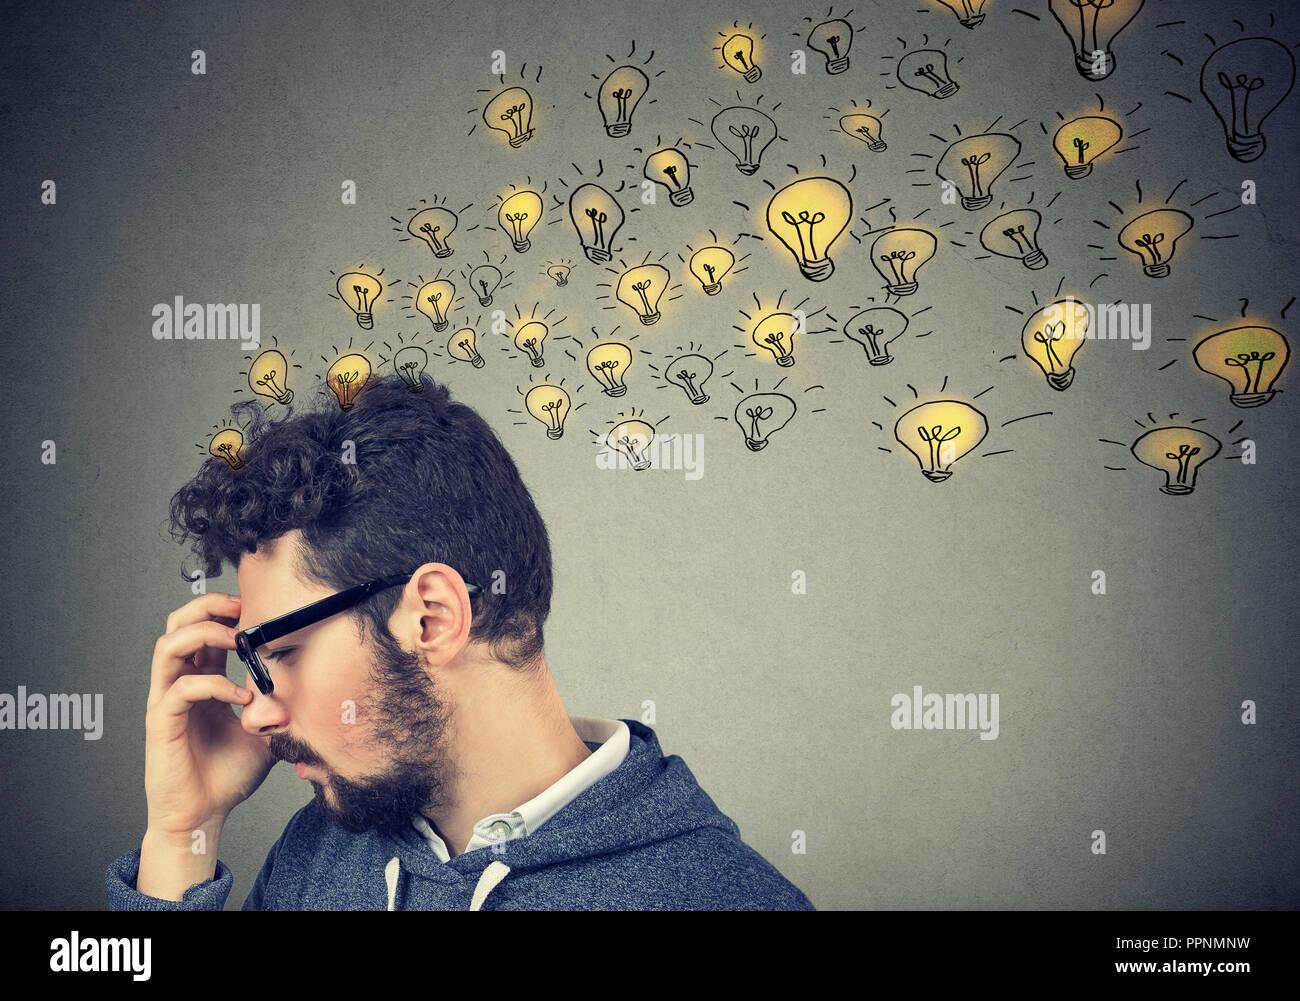 Jeune homme penser à avoir concentré beaucoup d'idées avec des ampoules lumineuses en toile de fond. Photo Stock